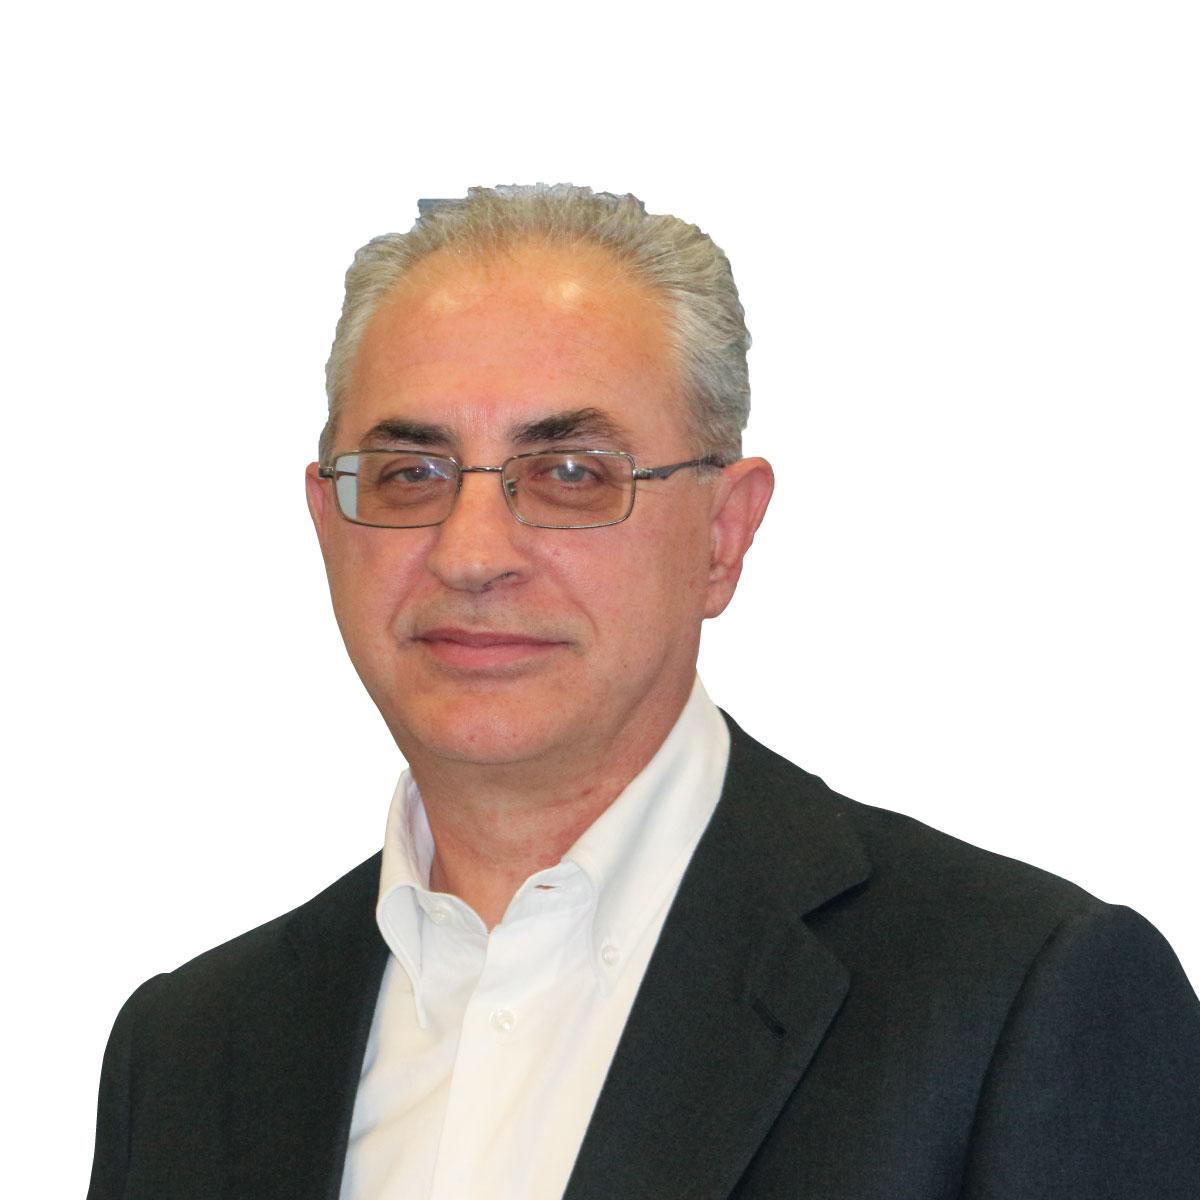 Giorgio-Latterini